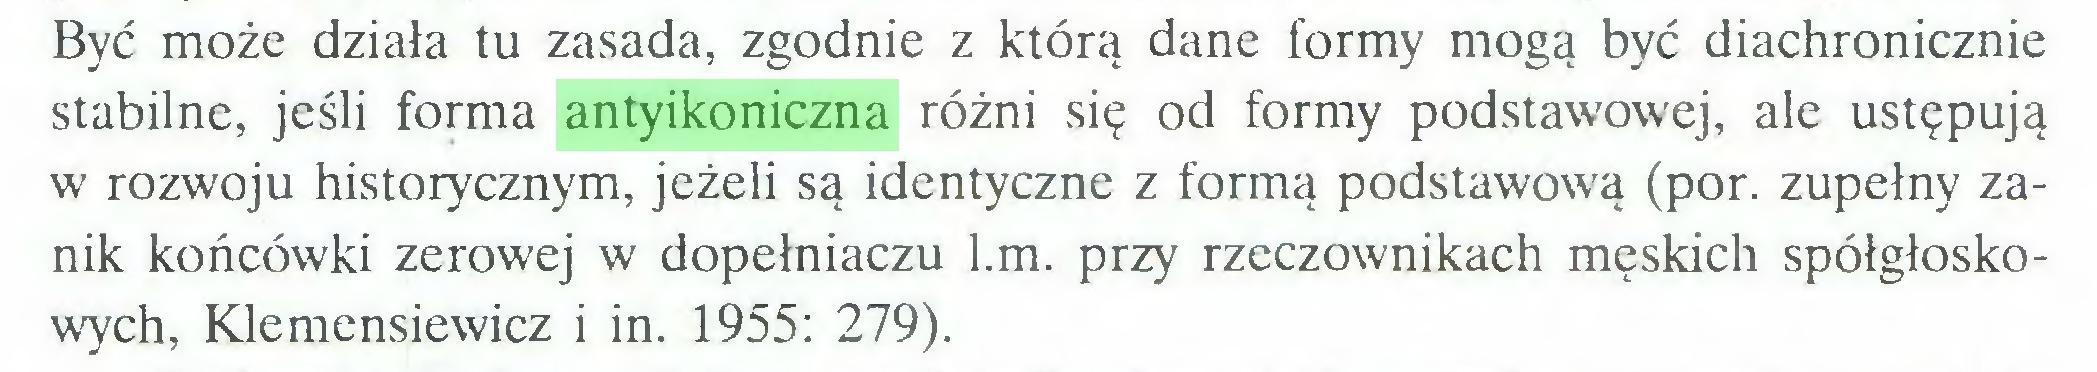 (...) Być może działa tu zasada, zgodnie z którą dane formy mogą być diachronicznie stabilne, jeśli forma antyikoniczna różni się od formy podstawowej, ale ustępują w rozwoju historycznym, jeżeli są identyczne z formą podstawową (por. zupełny zanik końcówki zerowej w dopełniaczu l.m. przy rzeczownikach męskich spółgłoskowych, Klemensiewicz i in. 1955: 279)...